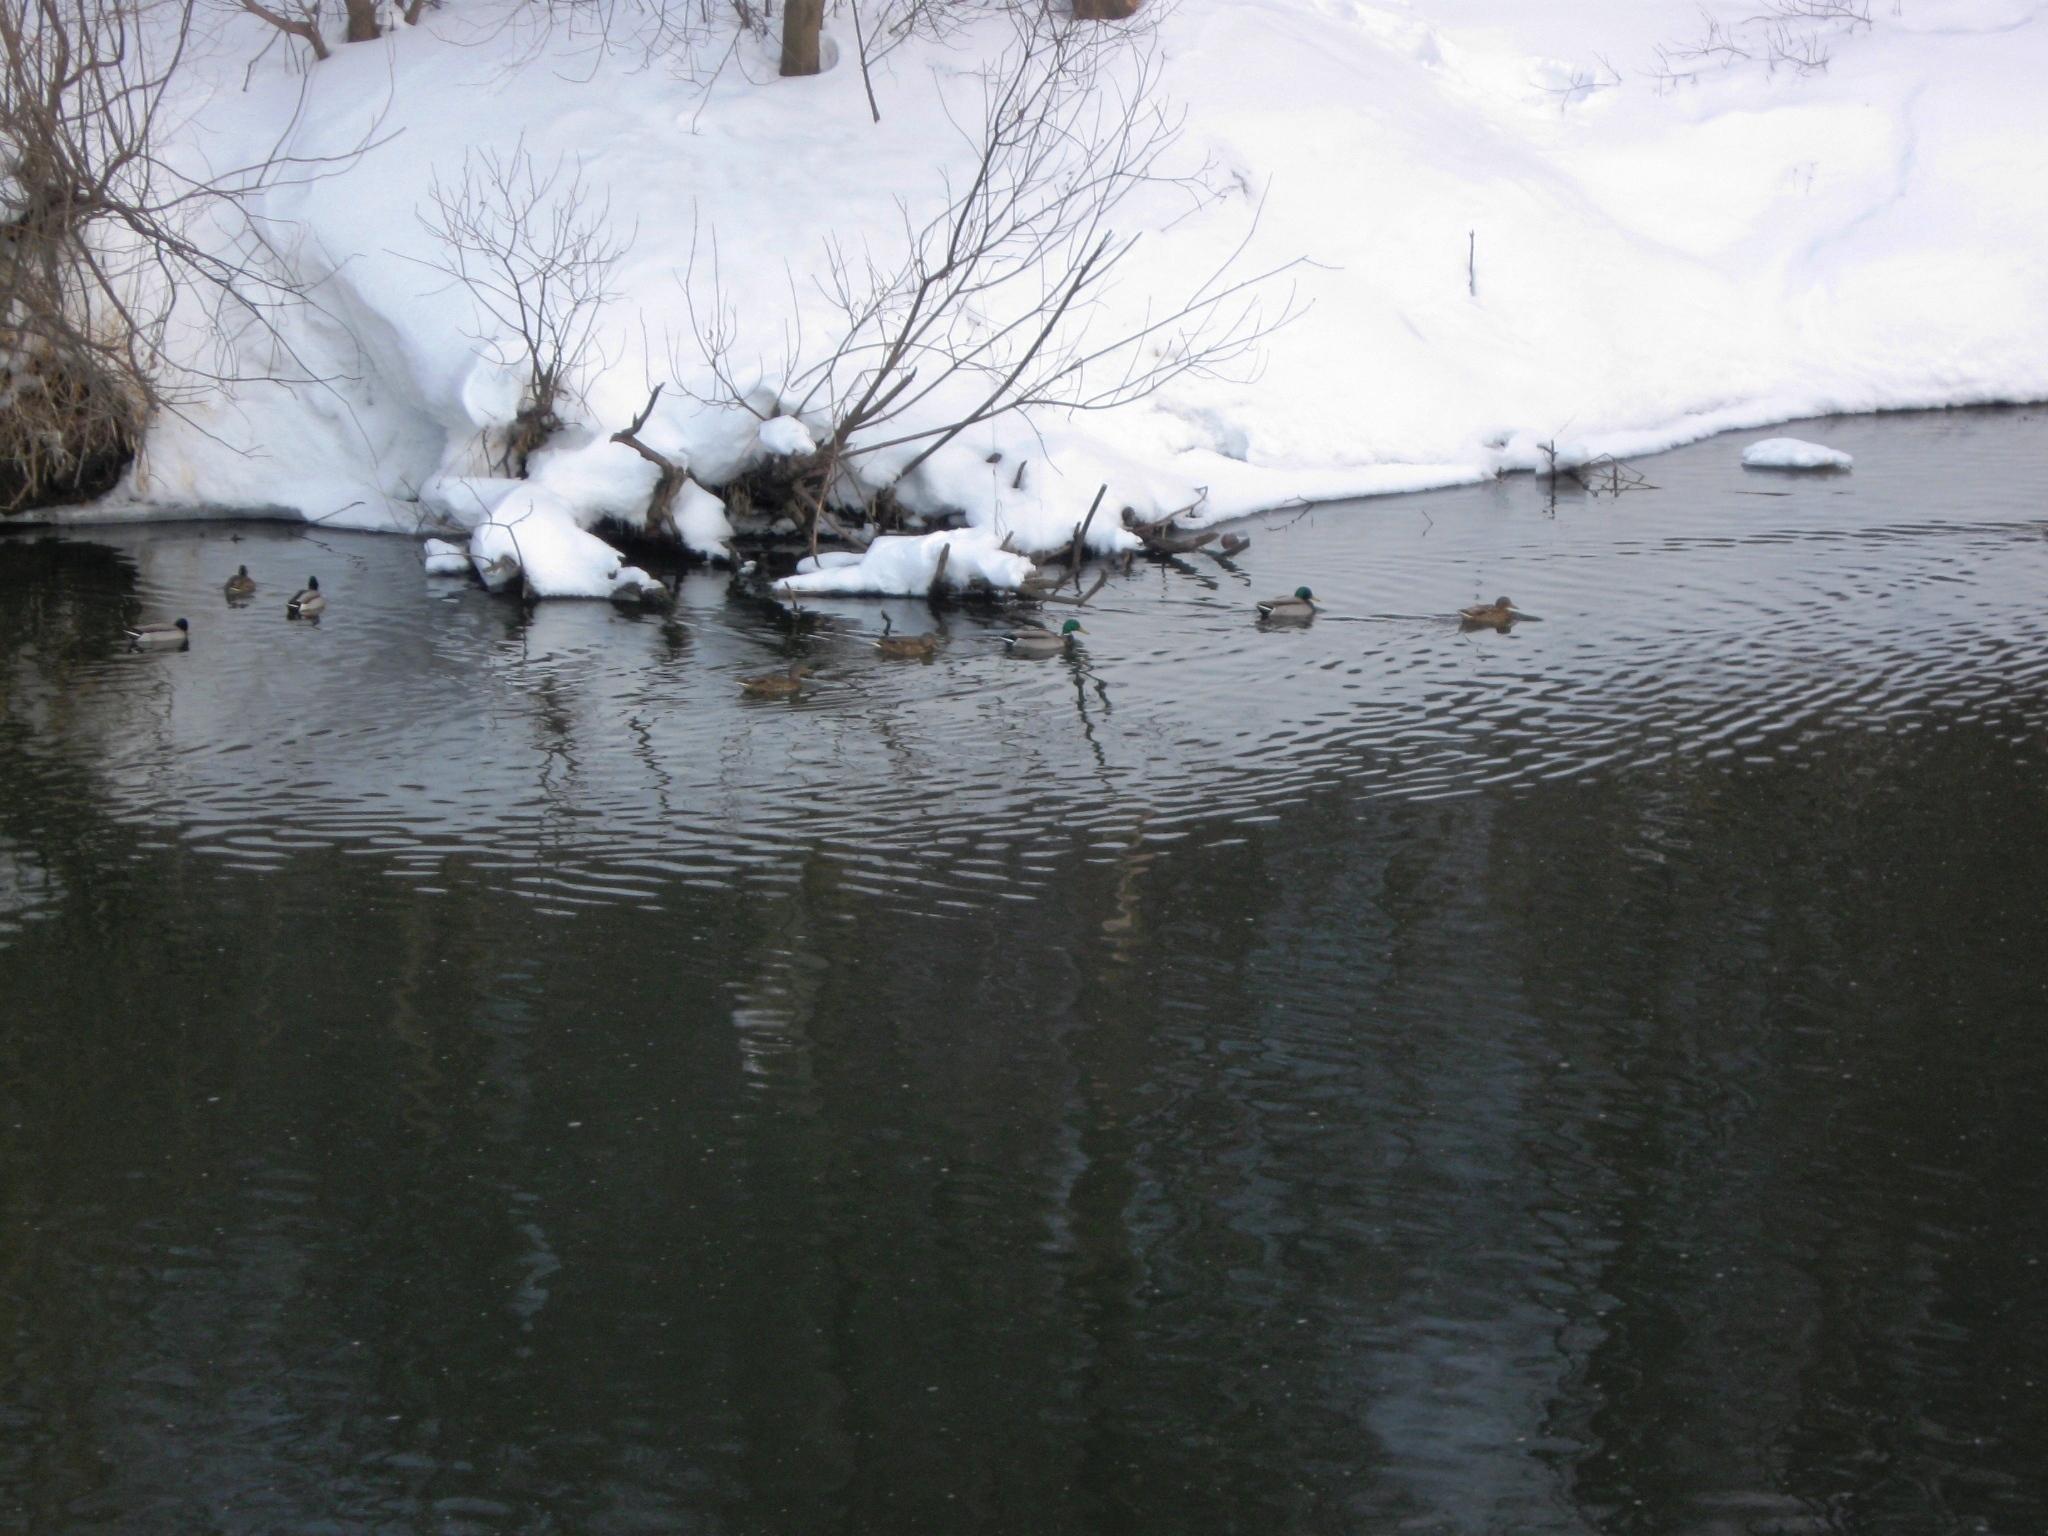 Новогодние приключения на льду, зимний вид на реку перед рыбалкой, качественное фото